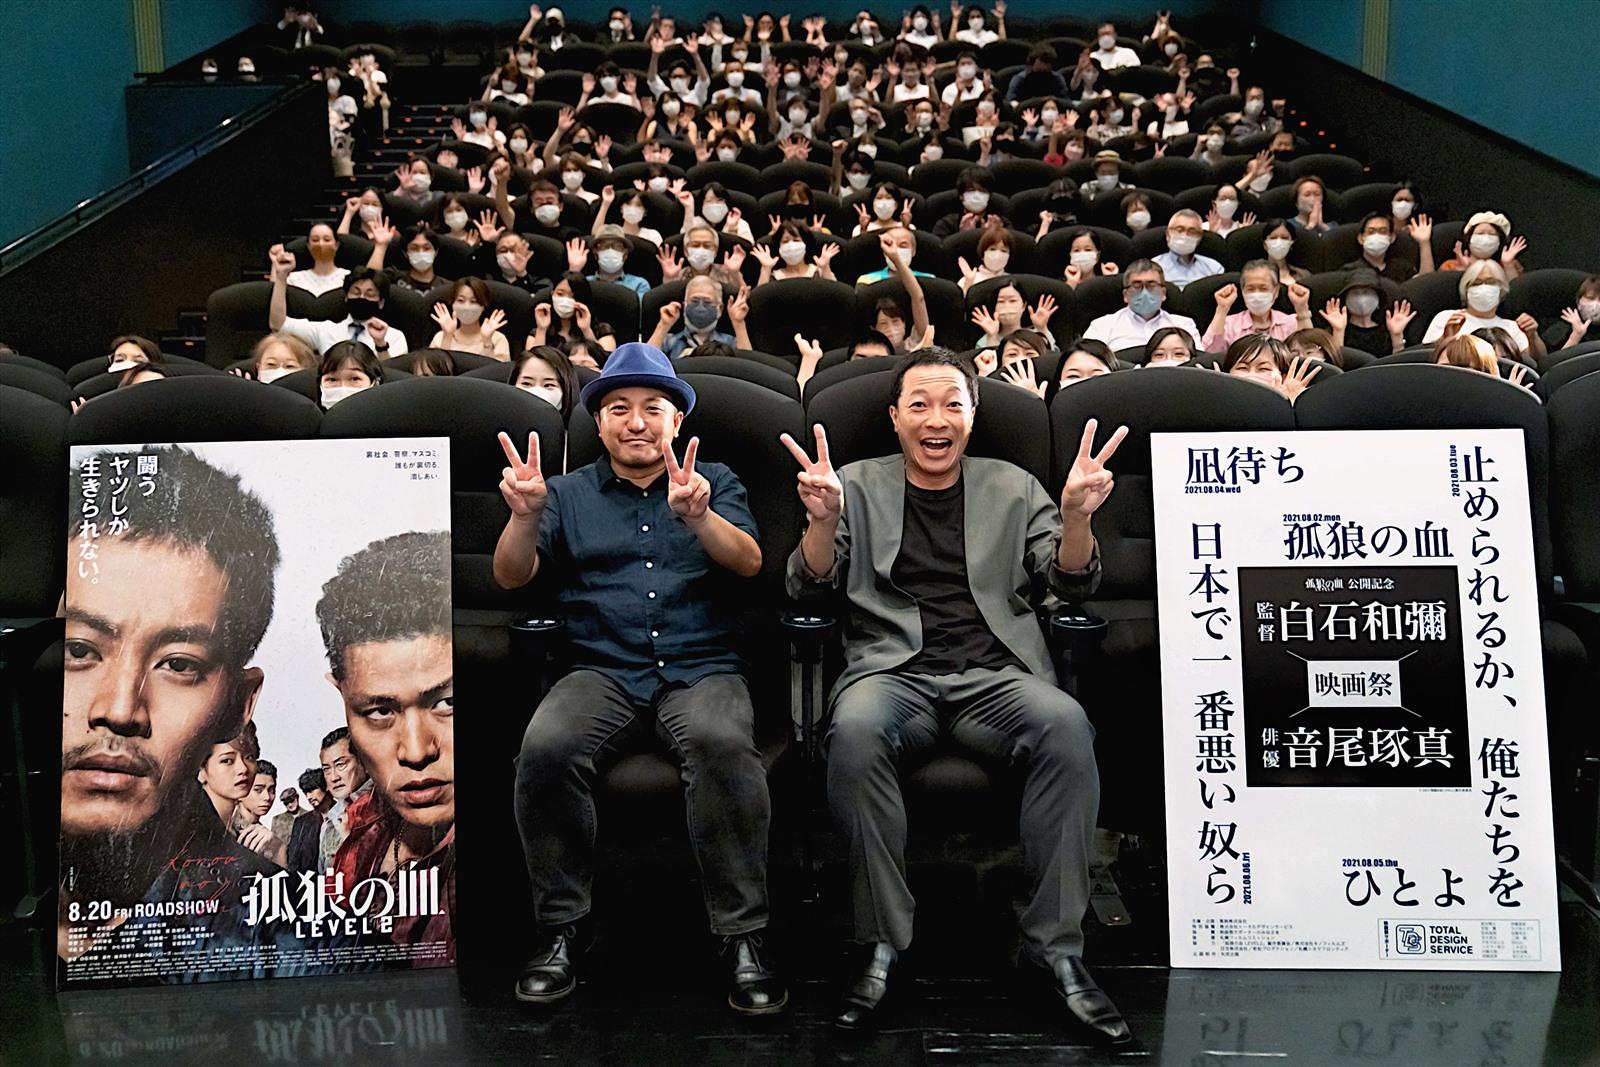 【写真】映画『孤狼の血 LEVEL2』「監督 白石和彌×俳優 音尾琢真 映画祭」舞台挨拶 (白石和彌×音尾琢真&観客)